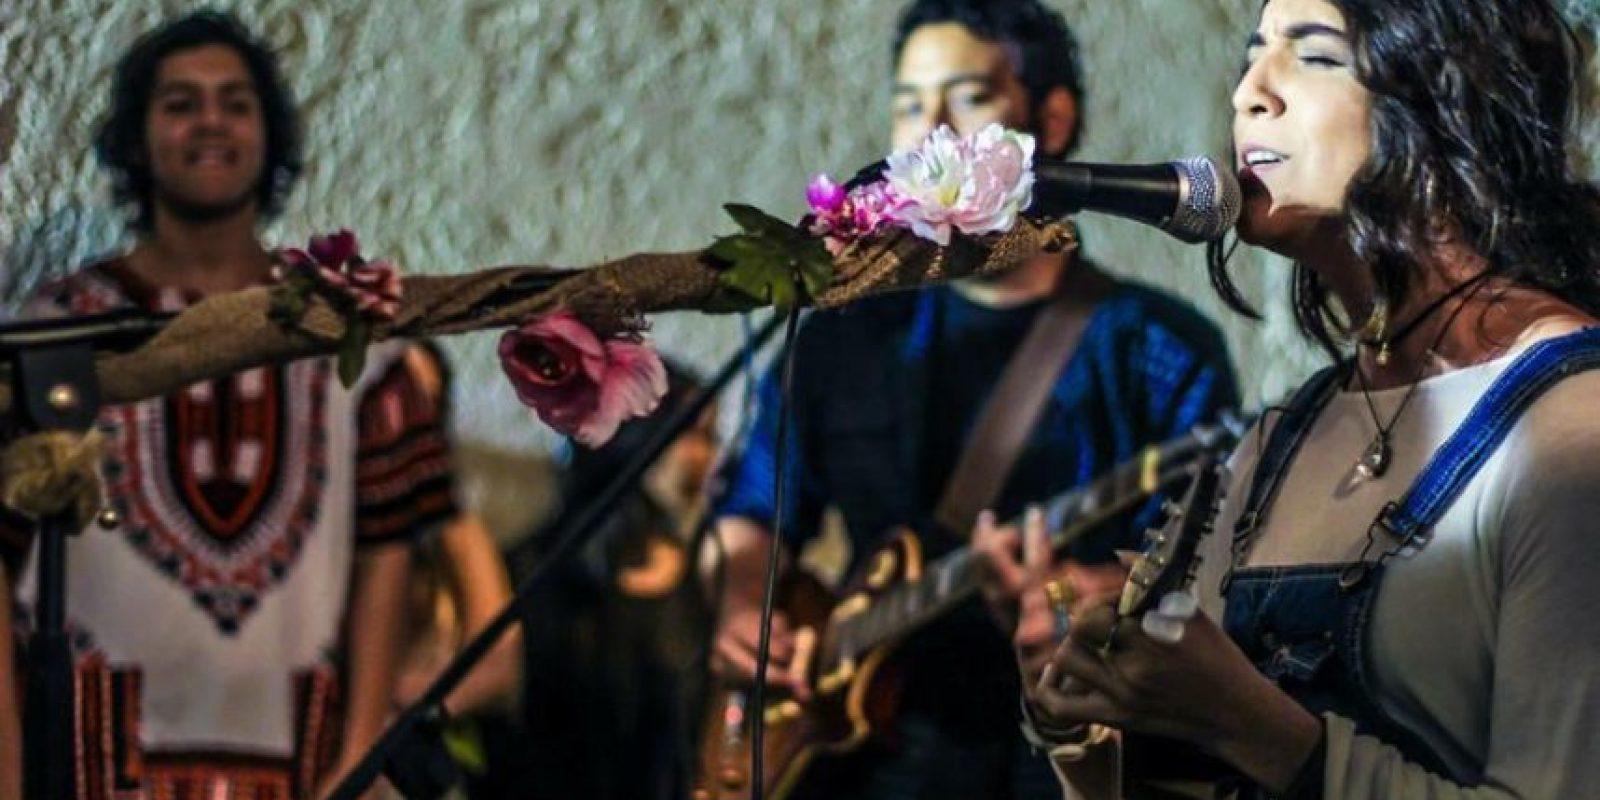 Amapola- Andrea Melina y Rafa Rivera Foto:Facebook. Imagen Por: